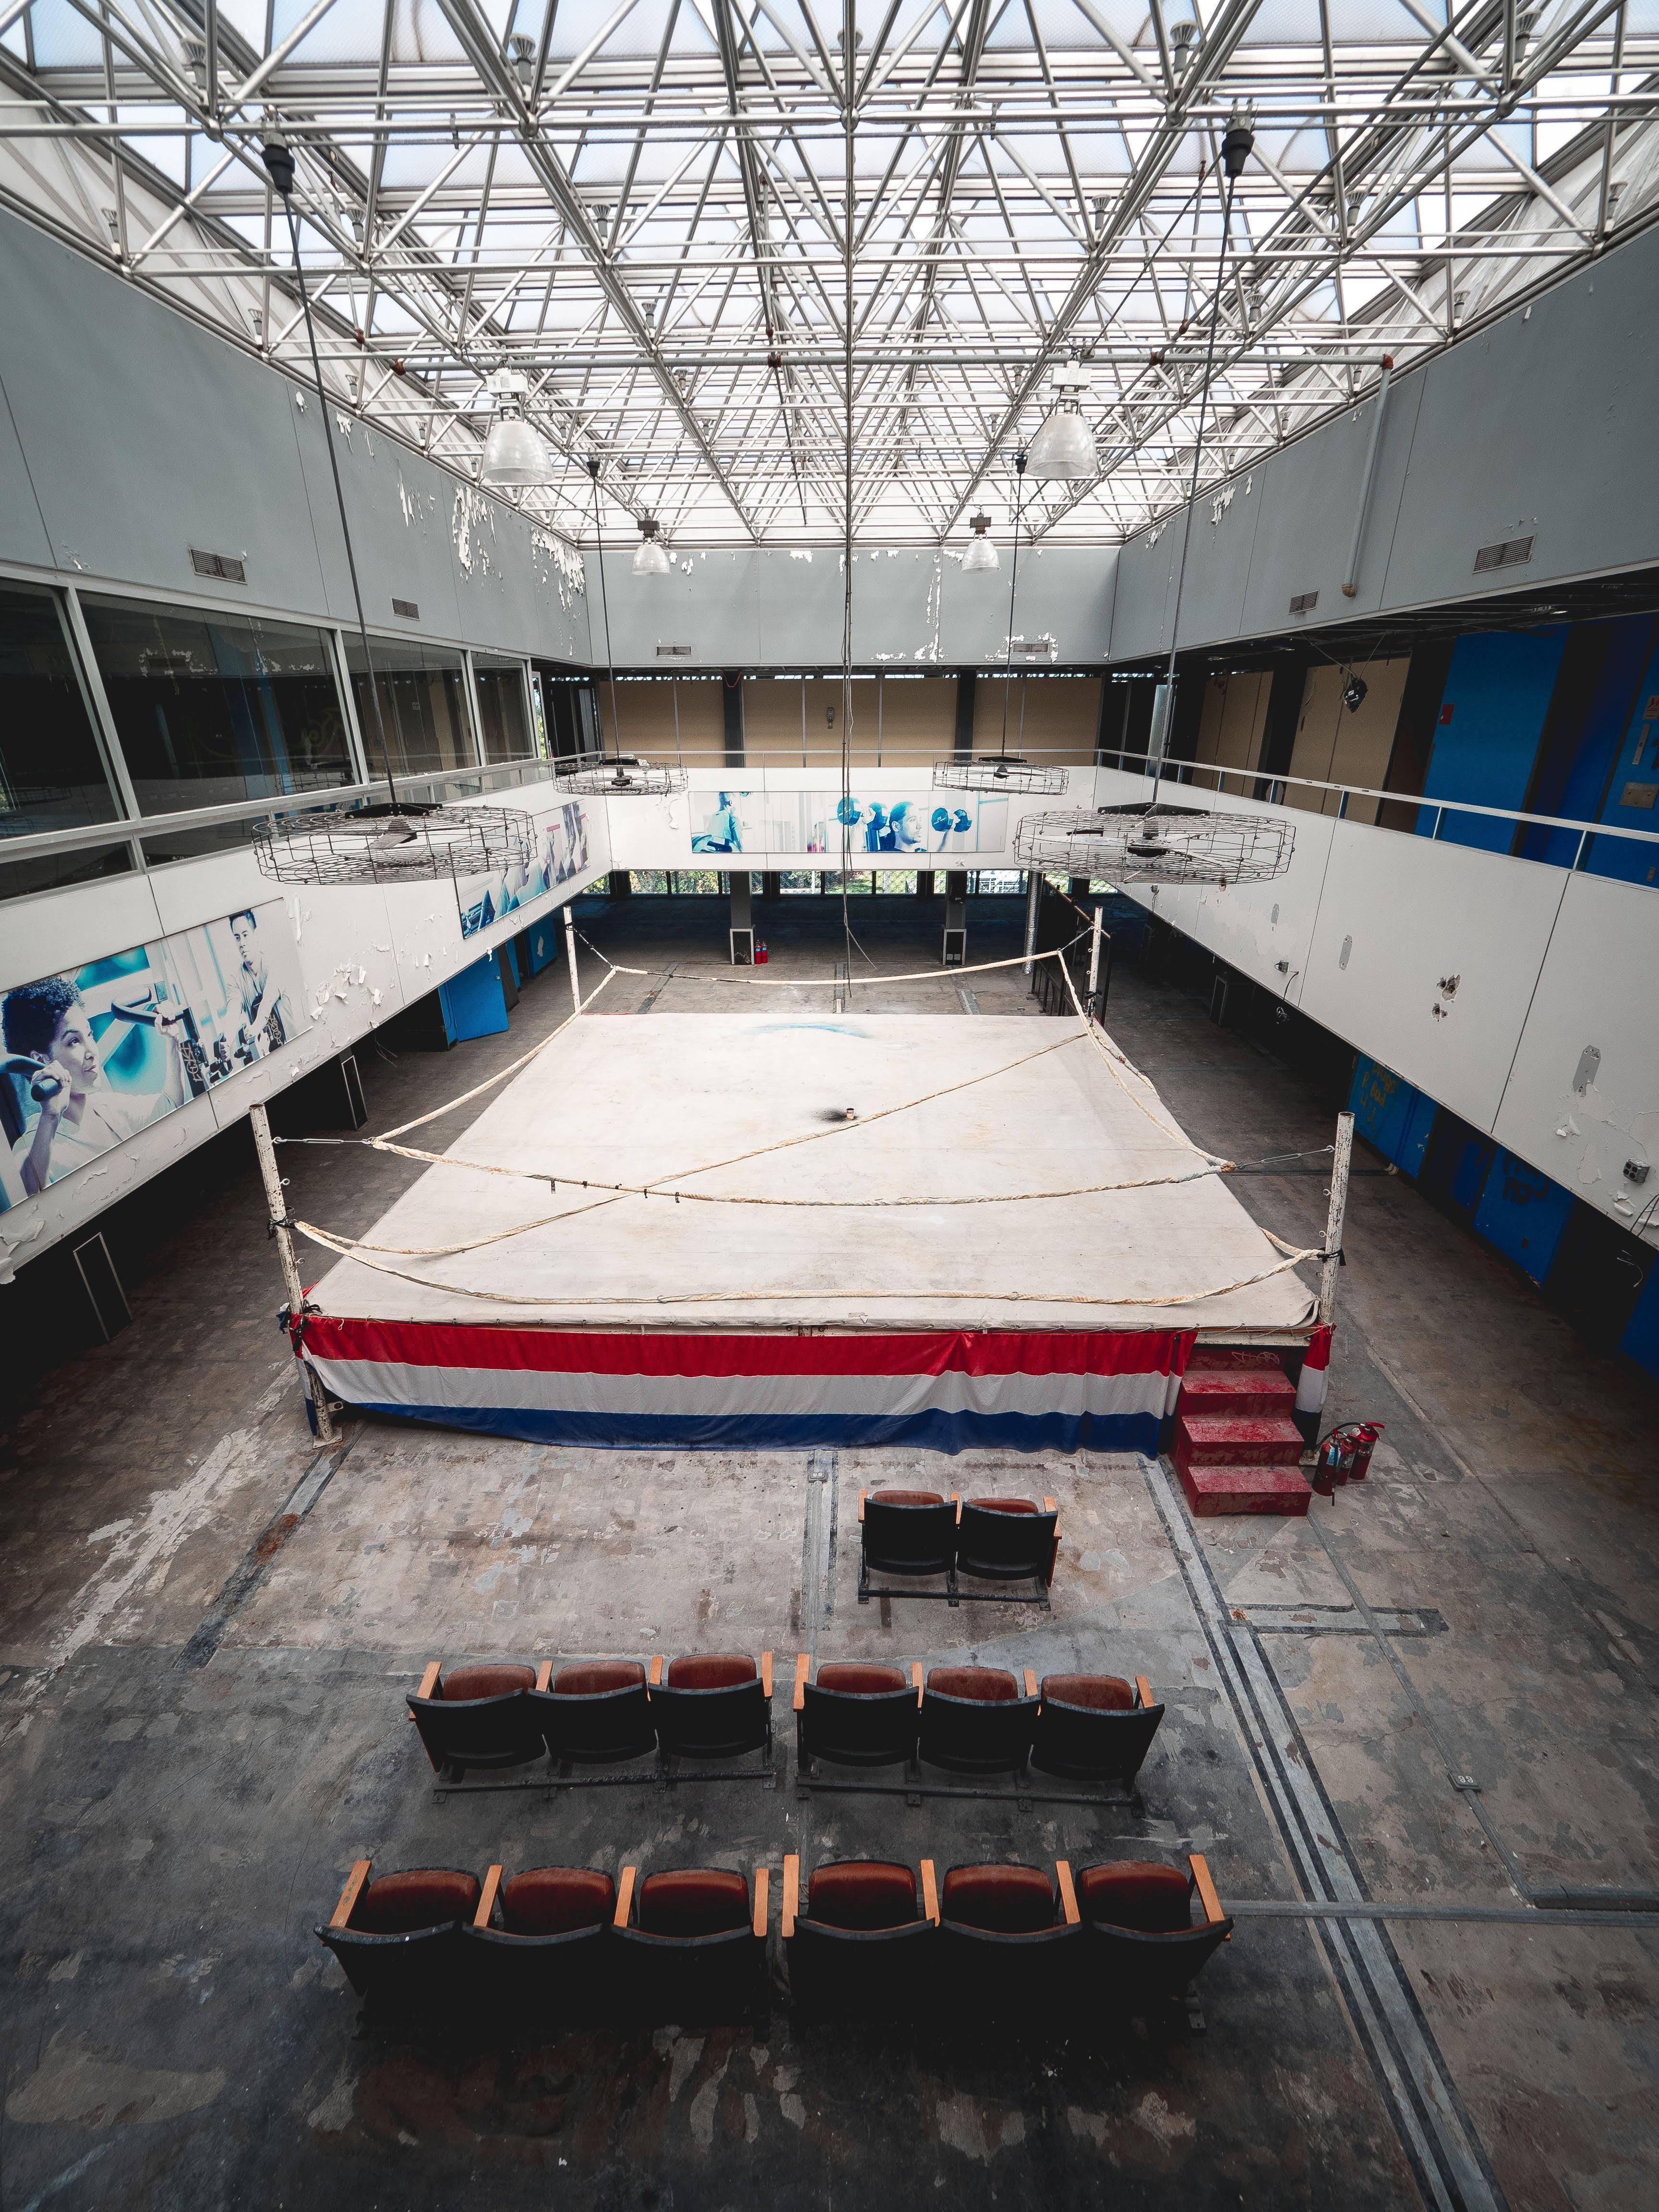 Abandoned Boxing Ring Detroit Mi Oc Abandoned Abandoned Places Boxing Rings